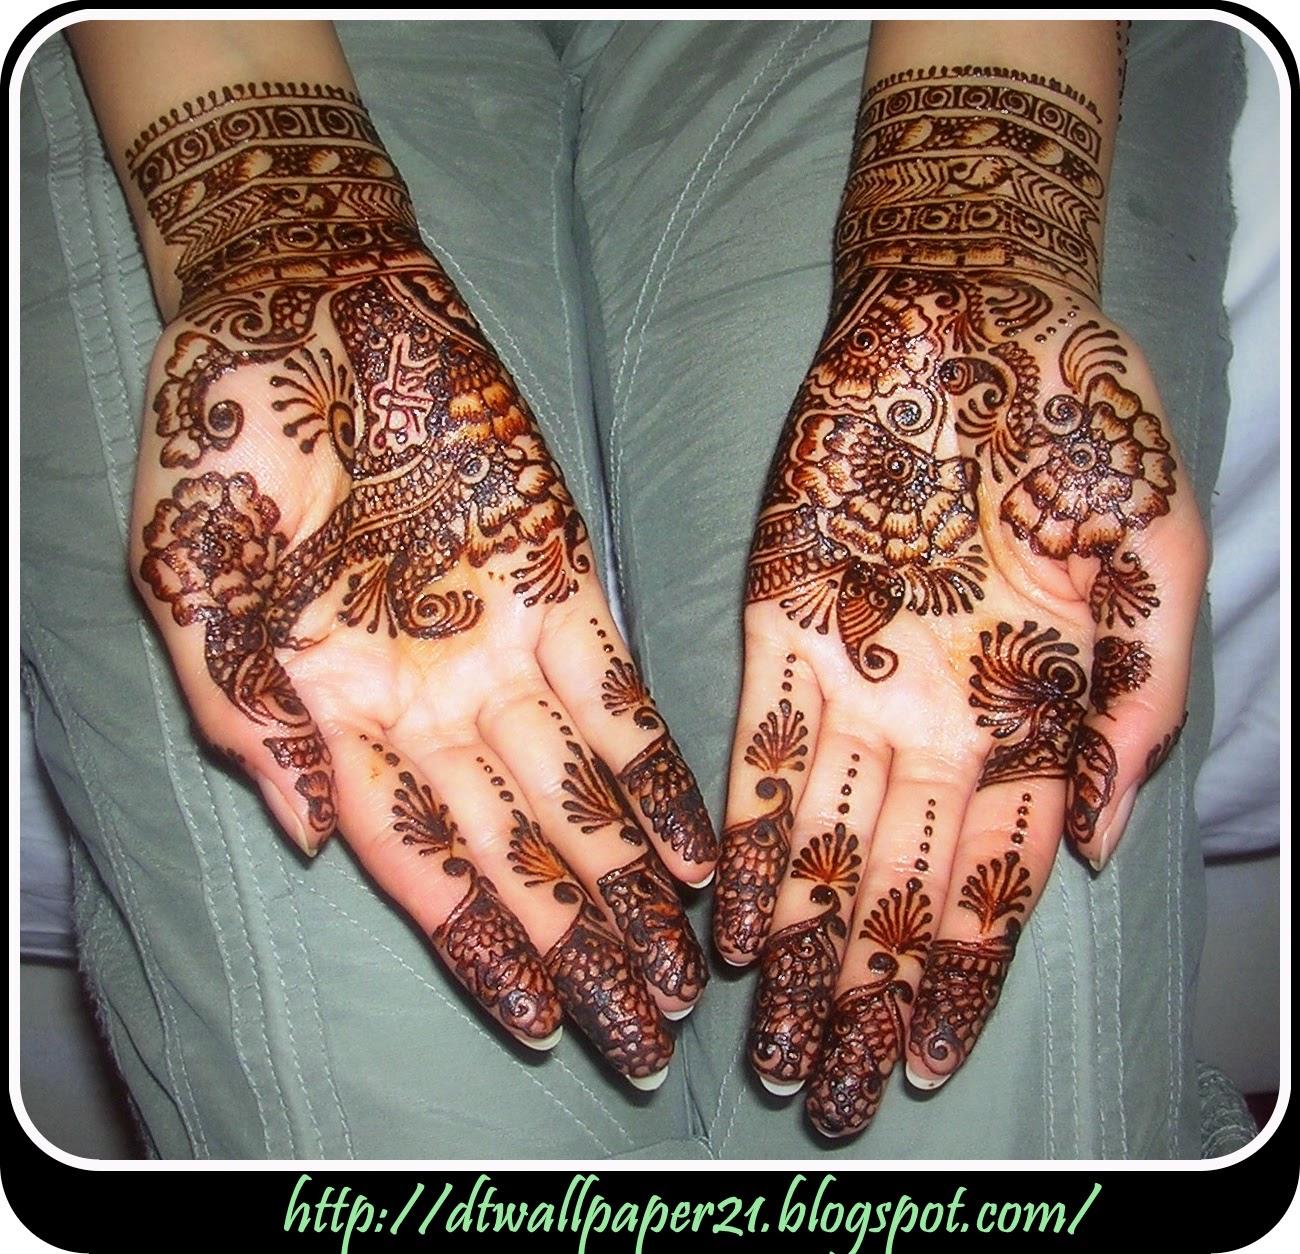 arts, mehndi designs tattoo, mehndi, free download mehndi design, hd mehndi wallpaper